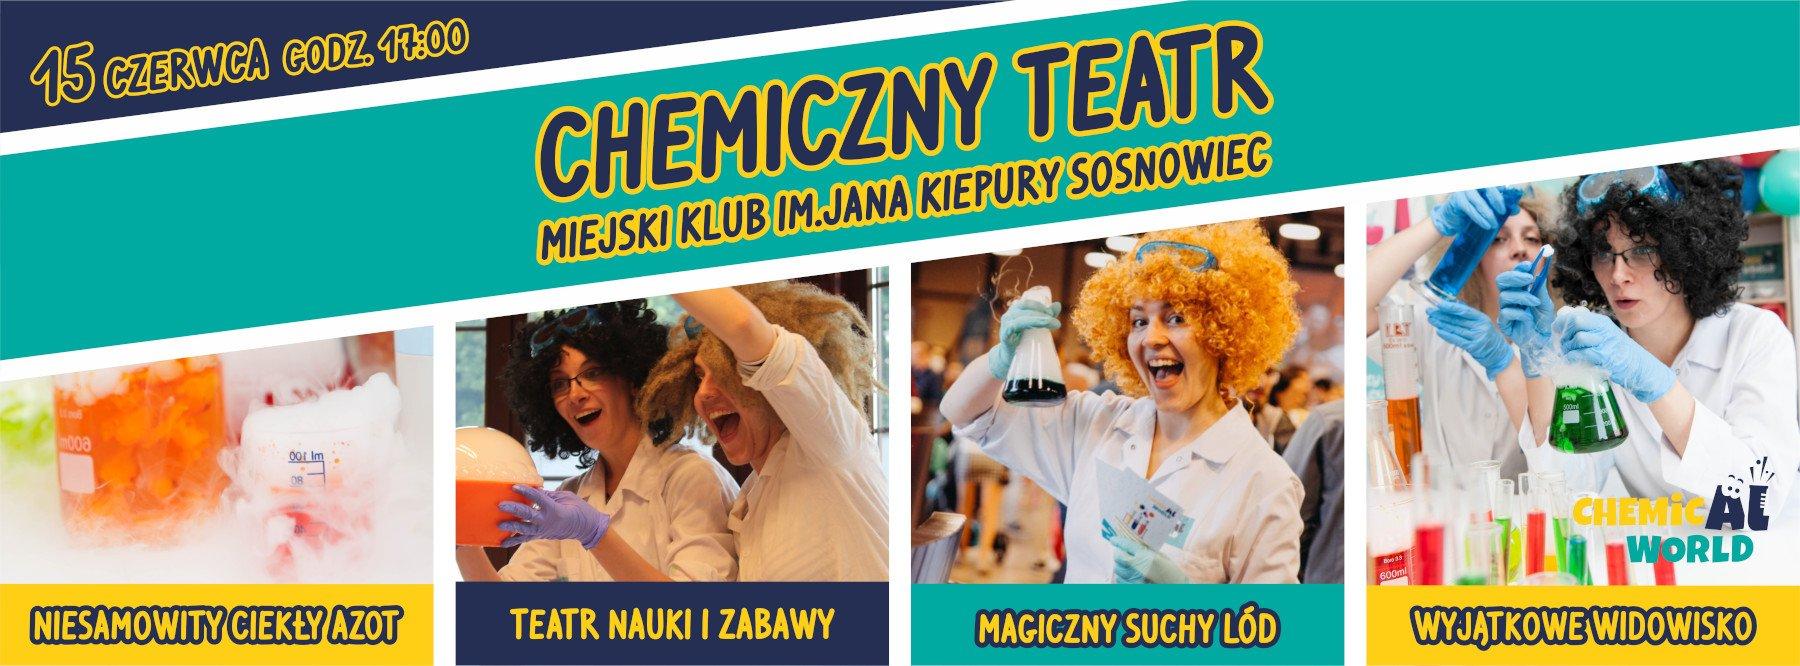 Chemiczny Teatr. Sosnowiec